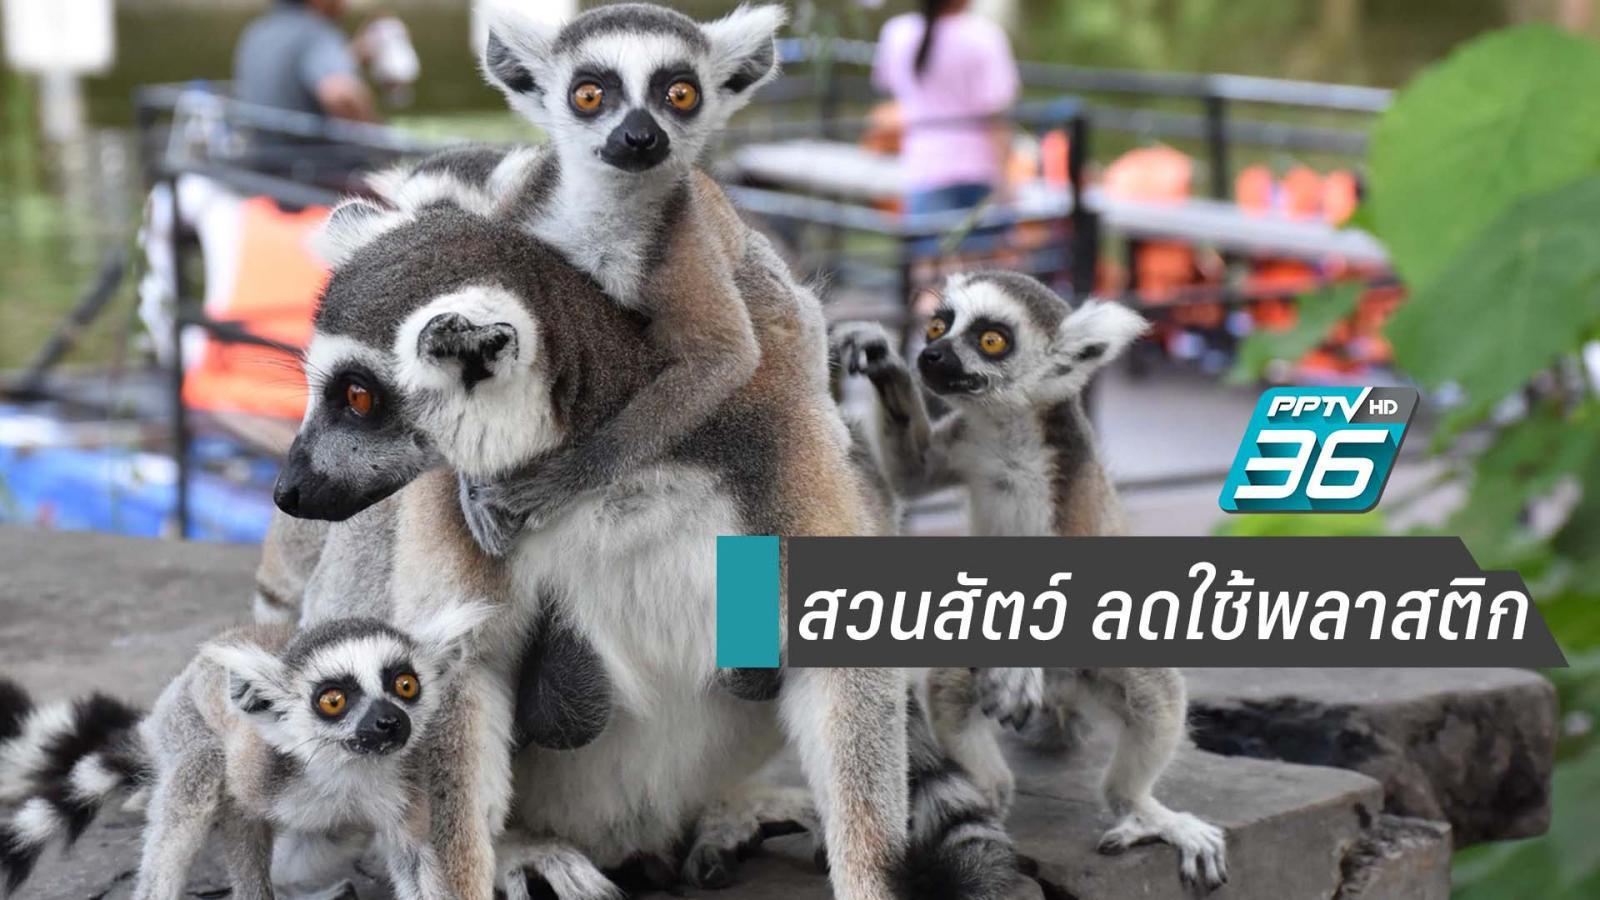 สวนสัตว์ทั่วประเทศพร้อมใจ! ลด ละ เลิกใช้พลาสติก โฟม